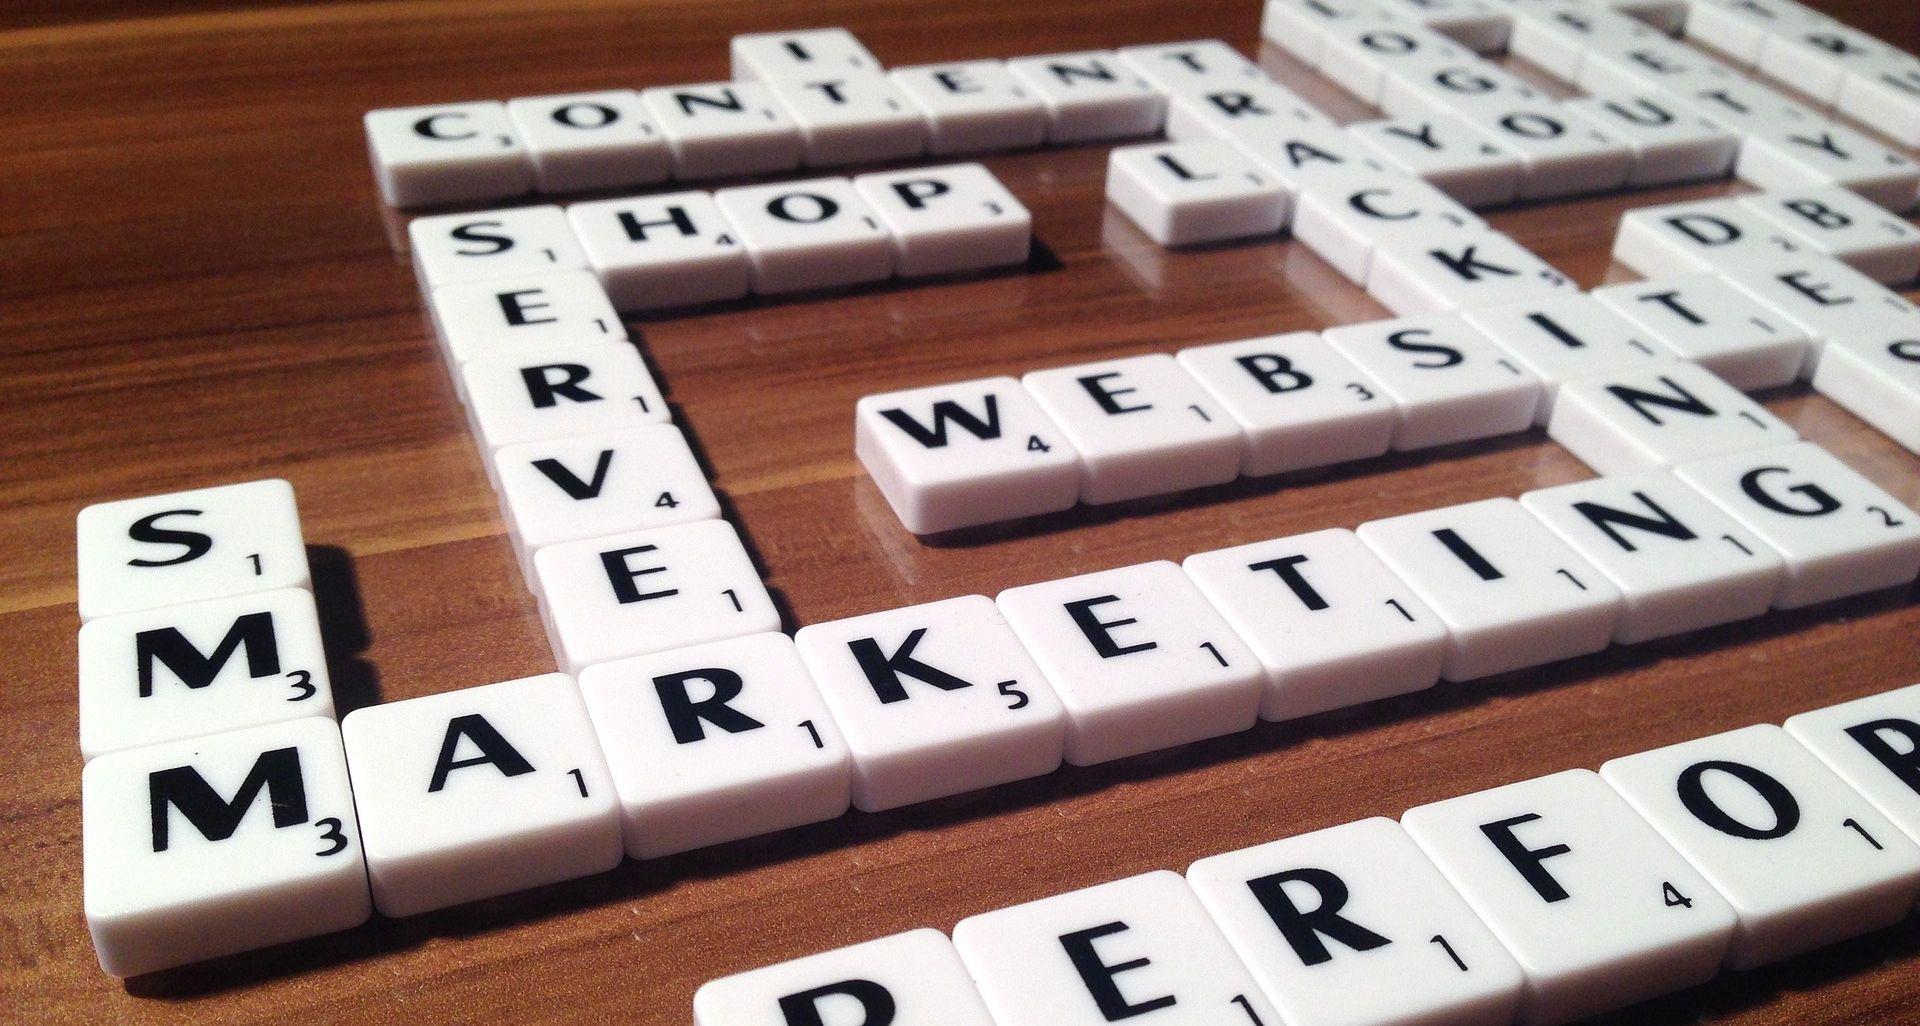 peças de Scrabble com palavras relacionadas com SEM